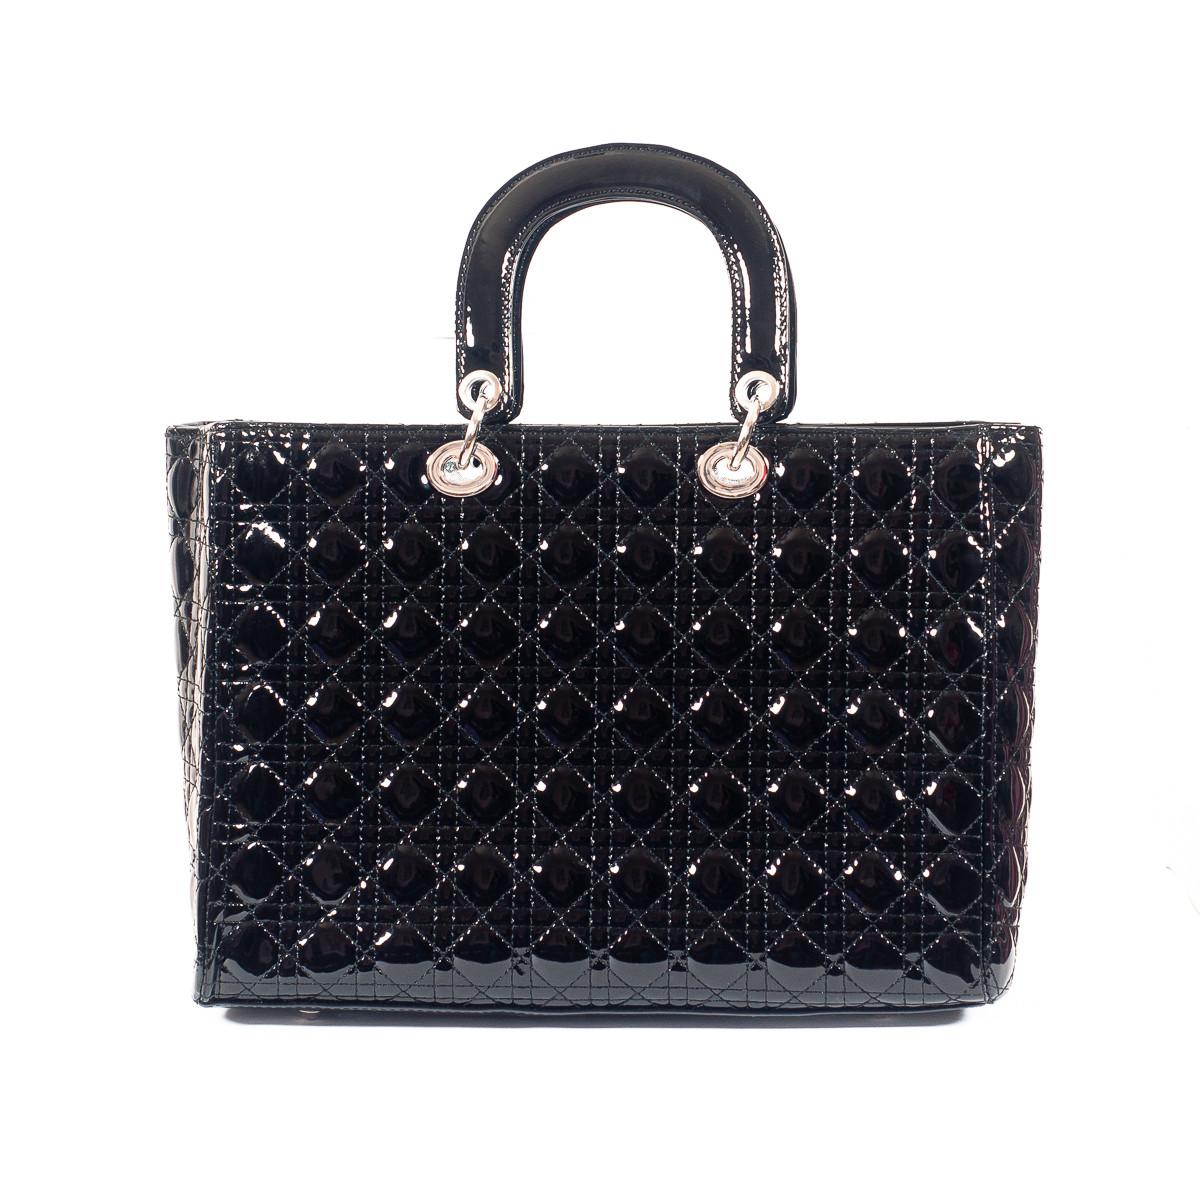 Сумка женская черная Dior стеганая 7235